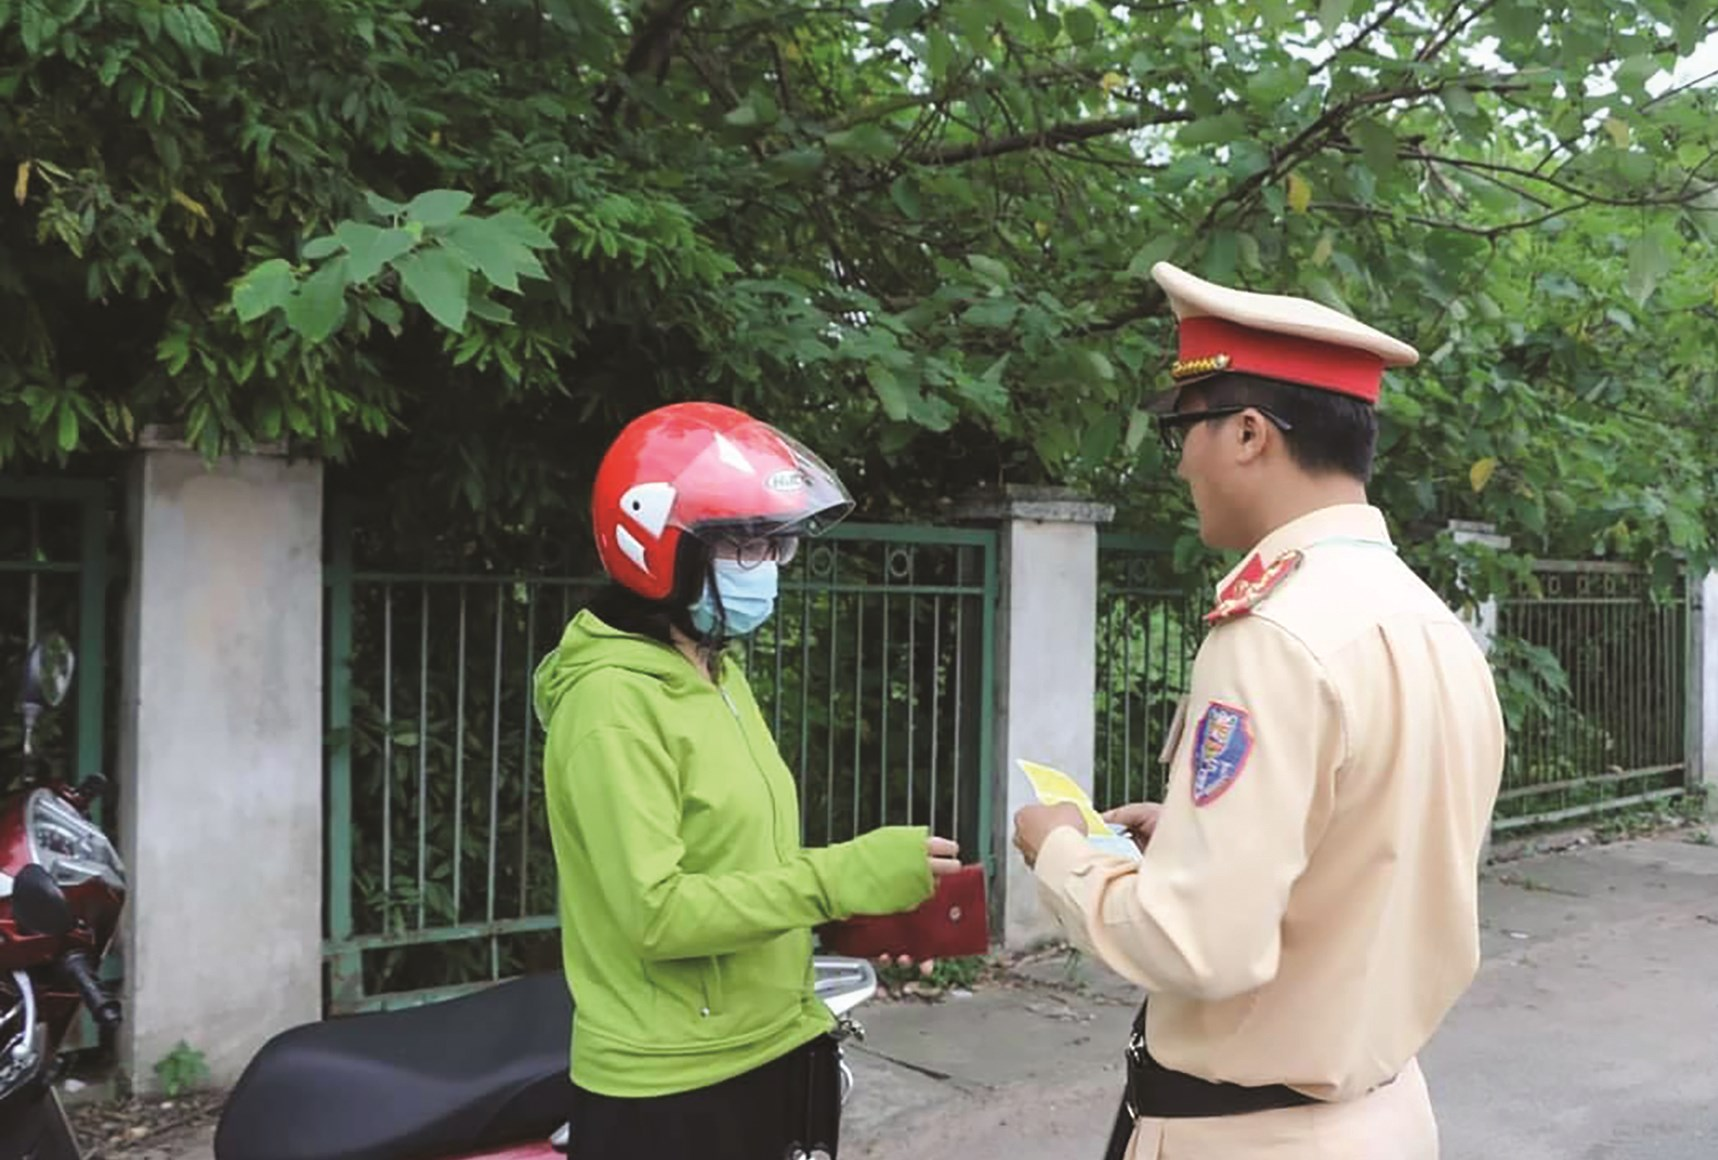 Cảnh sát giao thông toàn quốc triển khai kiểm tra các phương tiện cơ giới tham gia giao thông